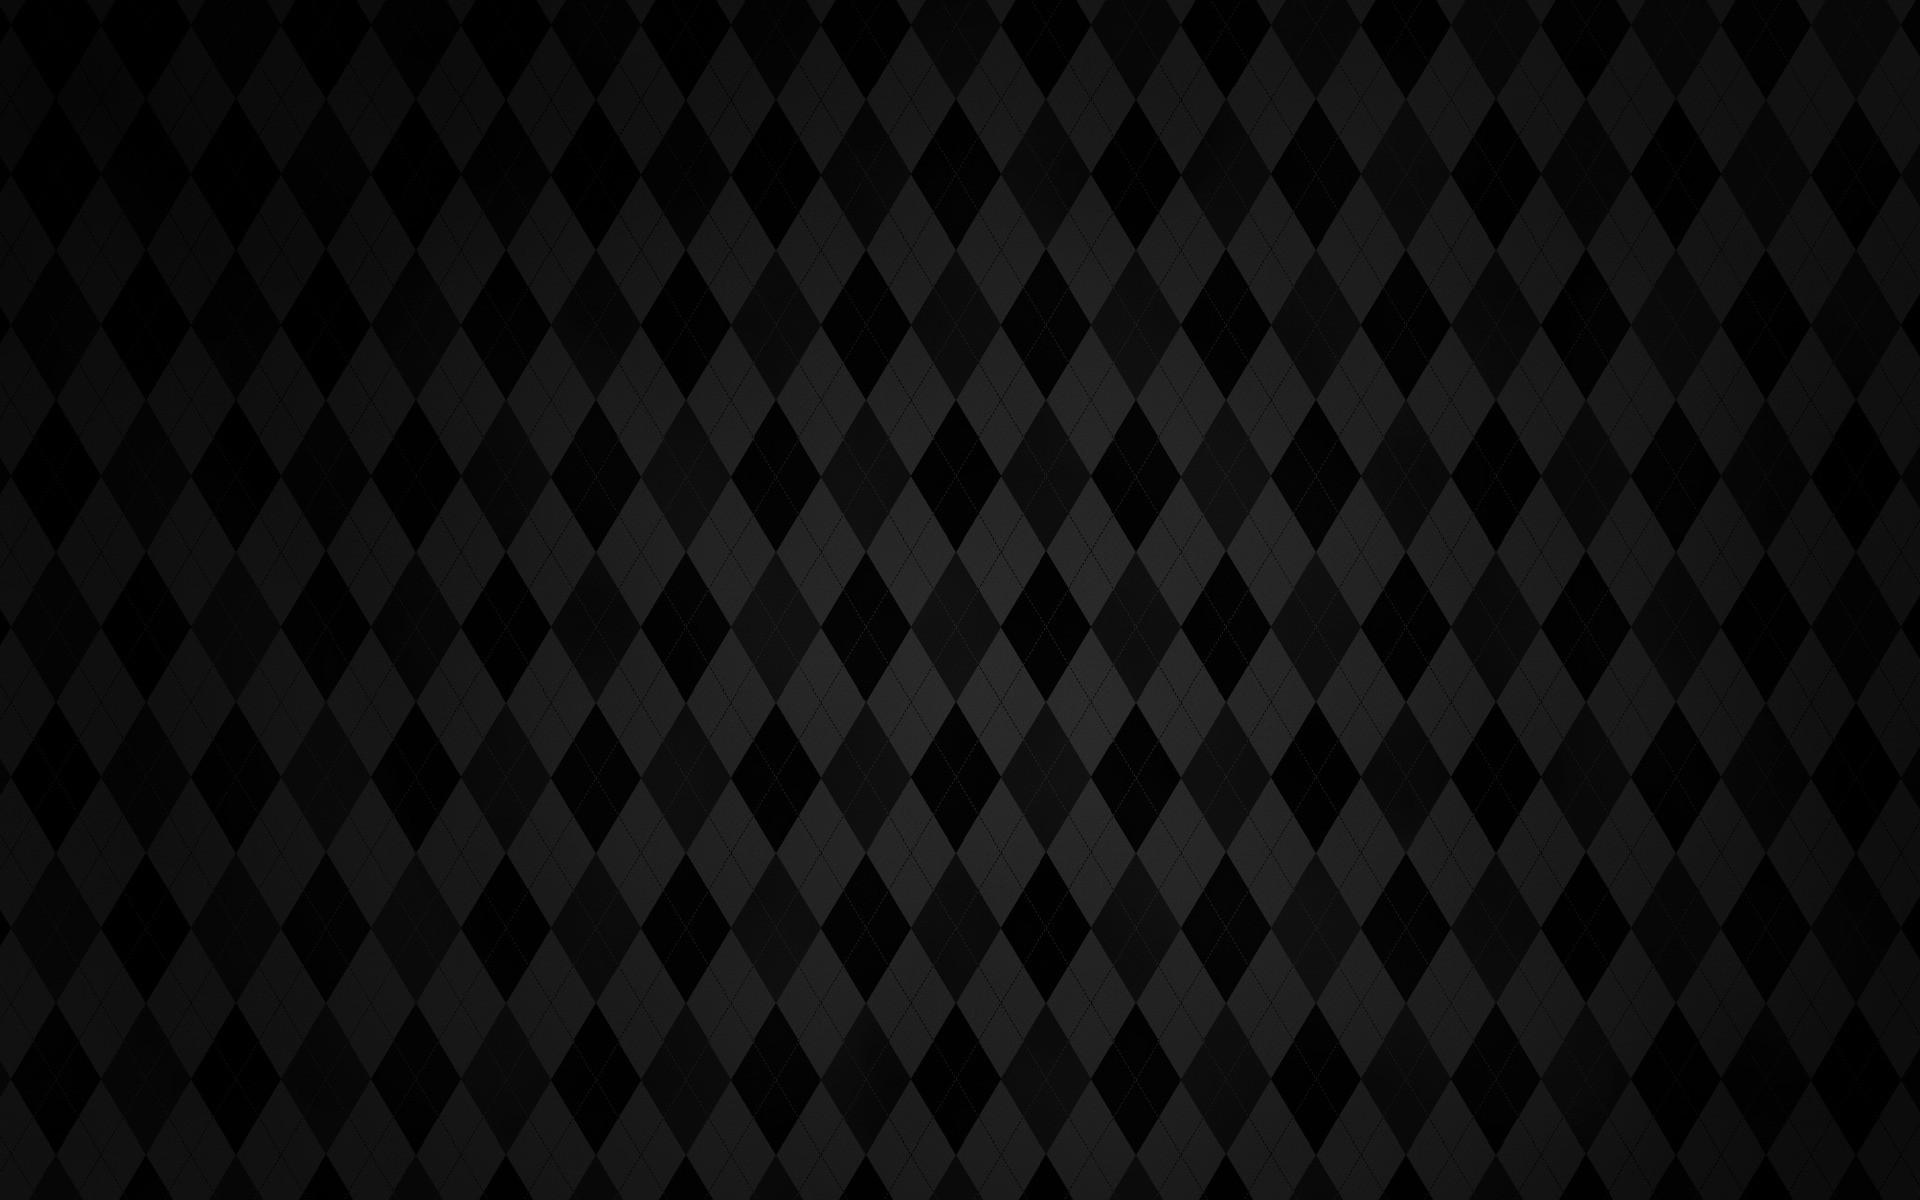 Black Diamond Wallpaper - WallpaperSafari  Black